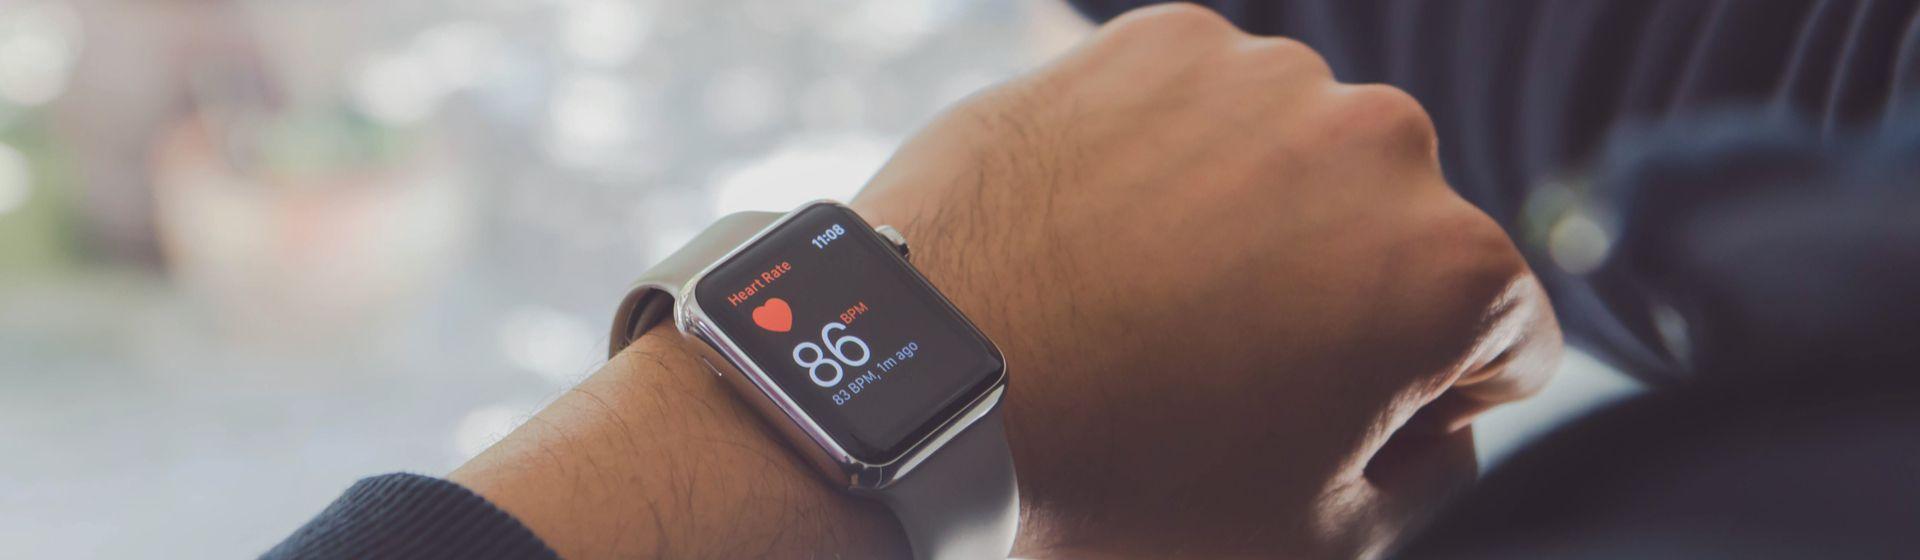 Como usar seu smartwatch para cuidar da saúde na quarentena